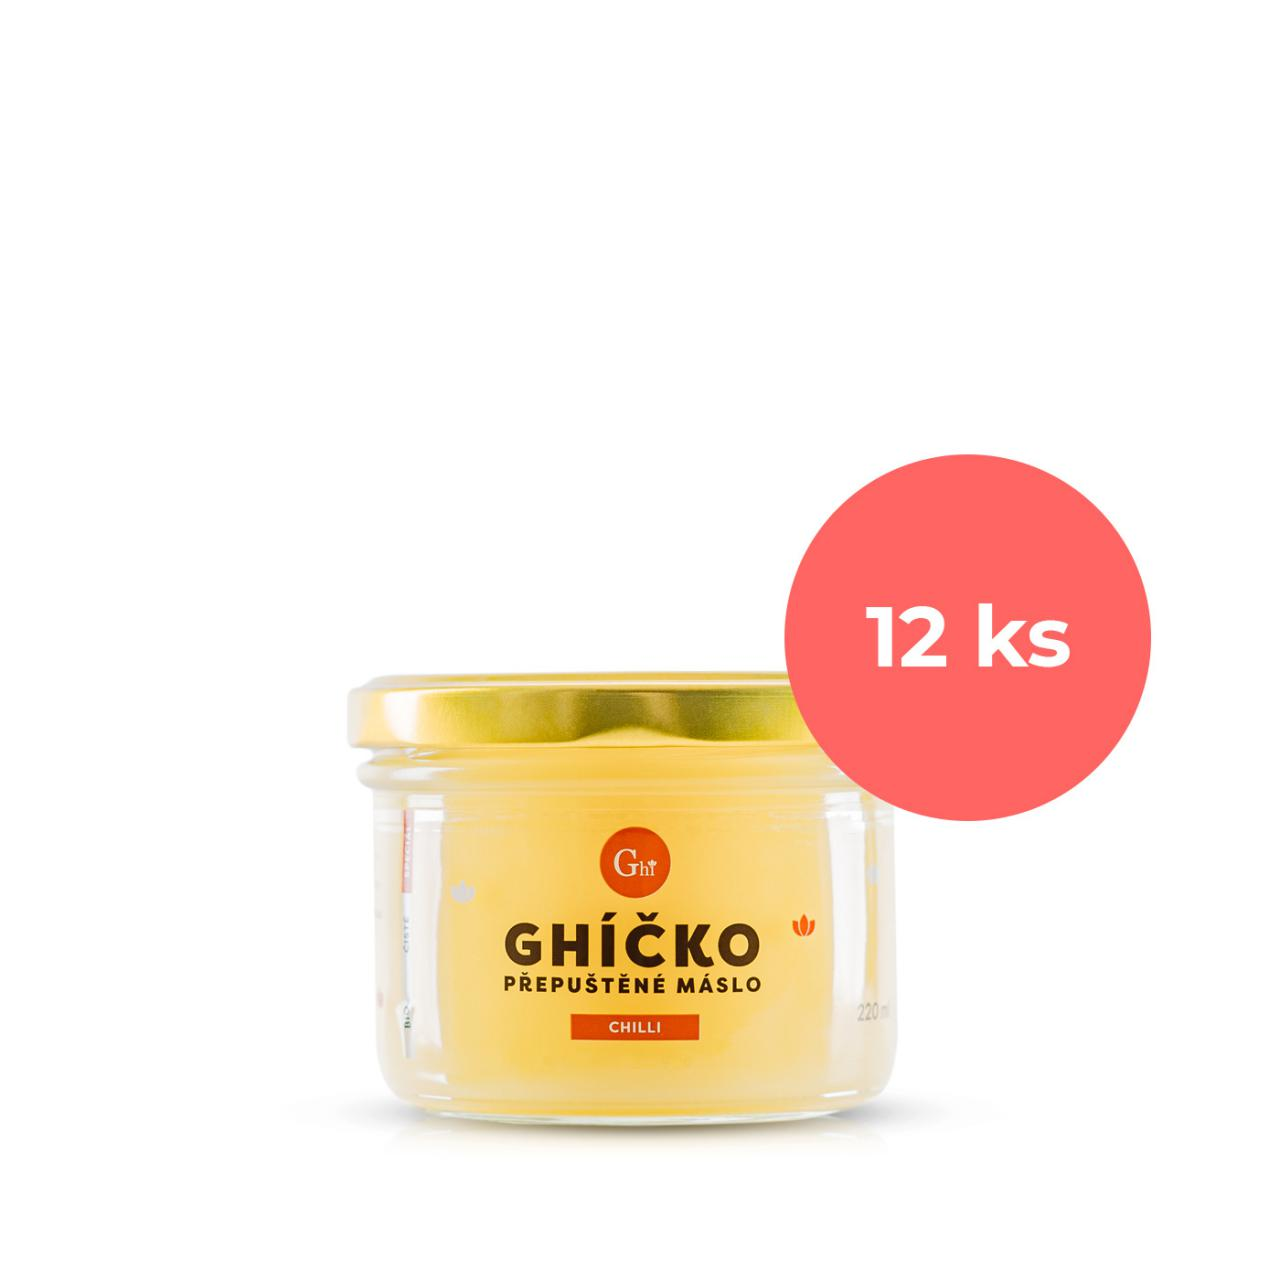 Ghí přepuštěné máslo 220ml speciál chilli - karton 12ks